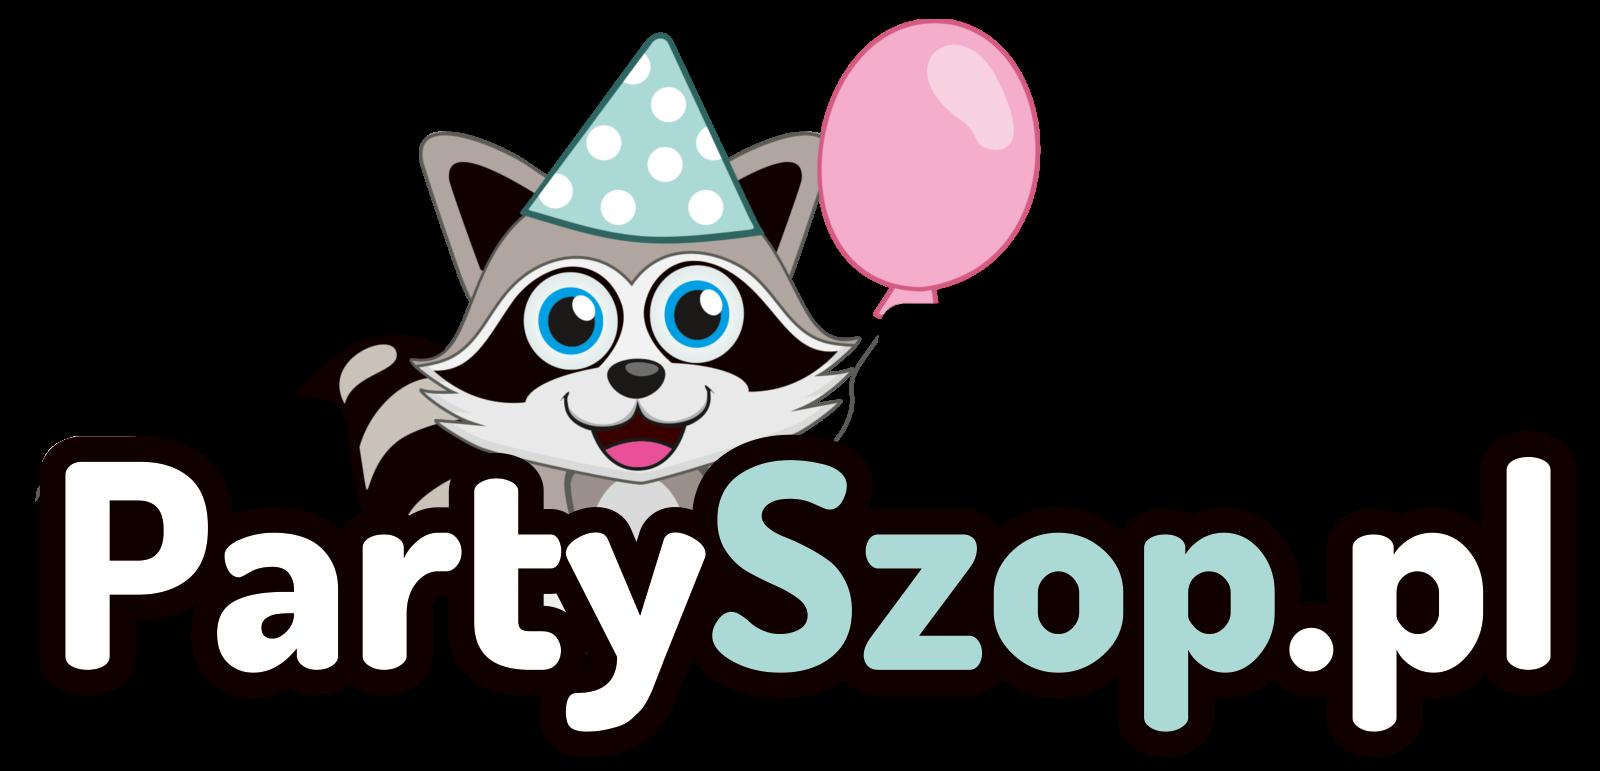 PartySzop.pl - balony z helem Białystok